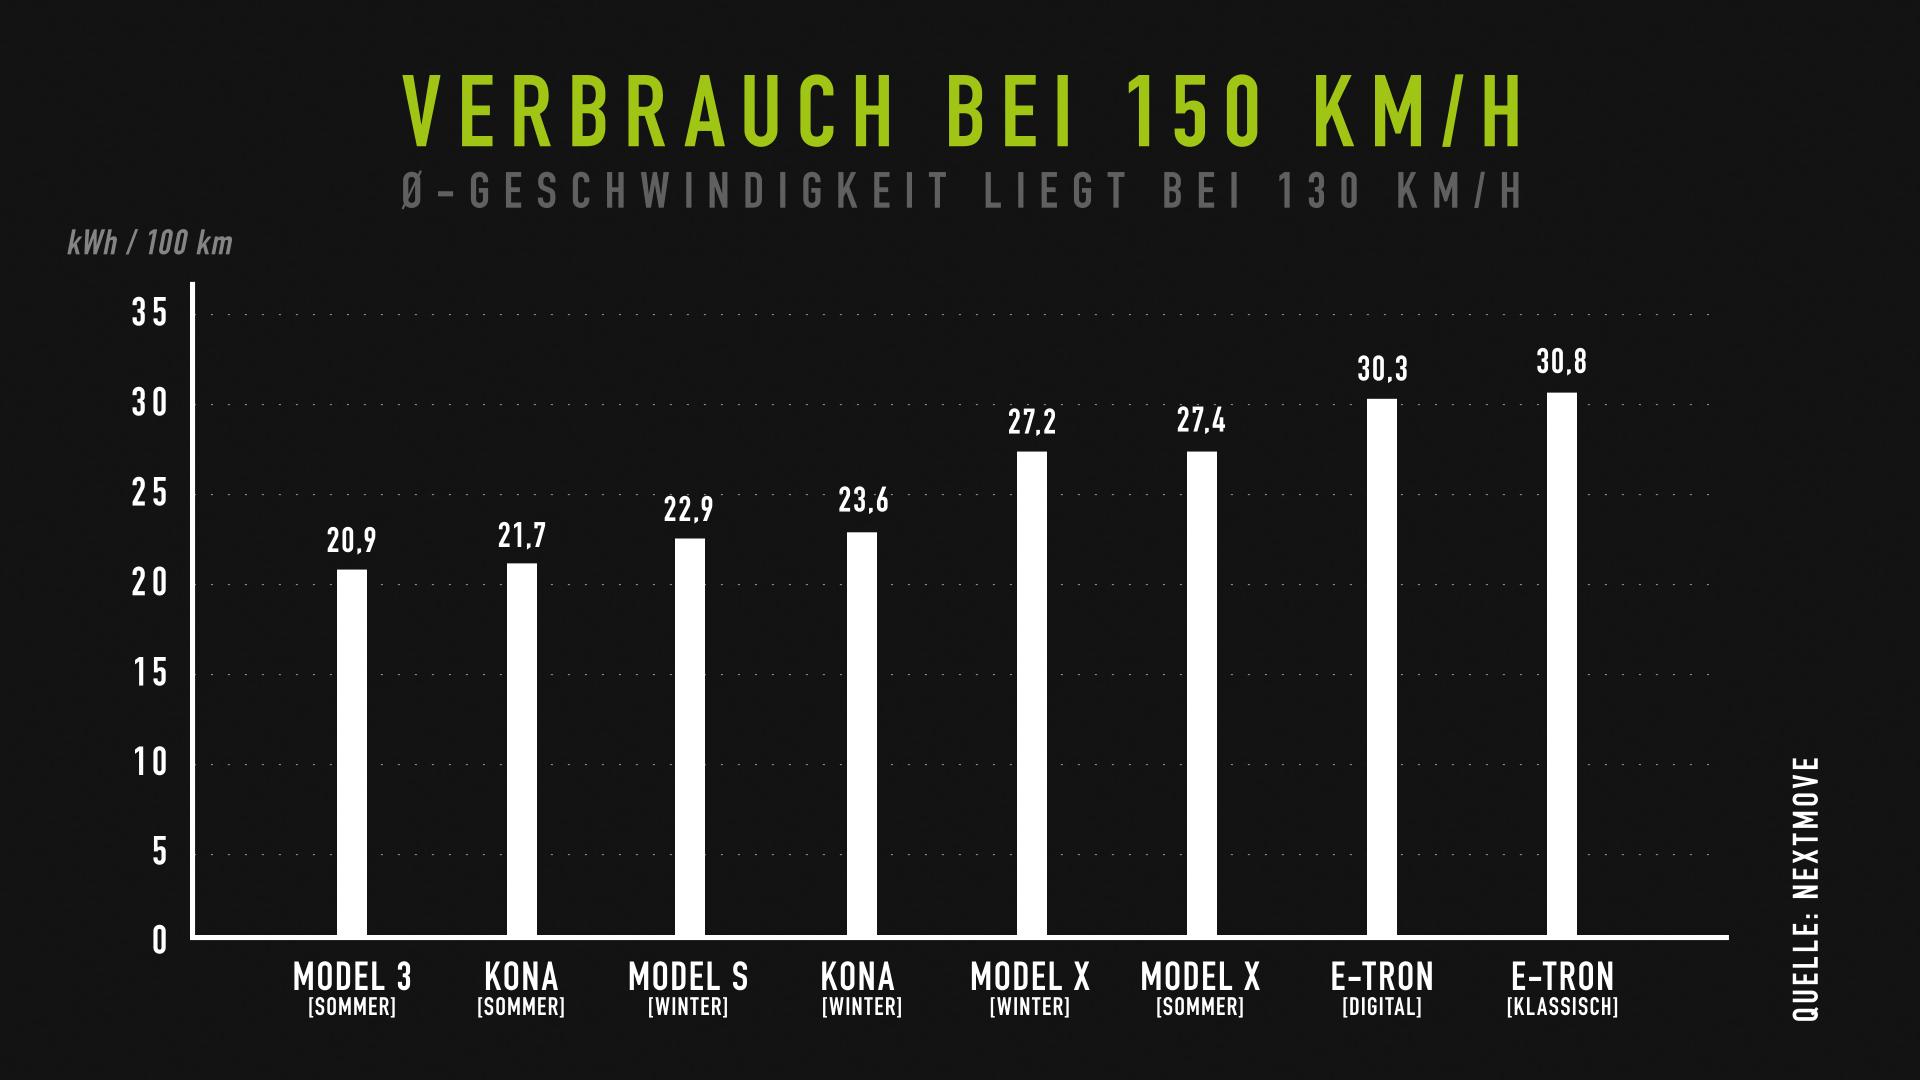 nextmove Verbrauchstest - Verbrauch bei 150 kmh